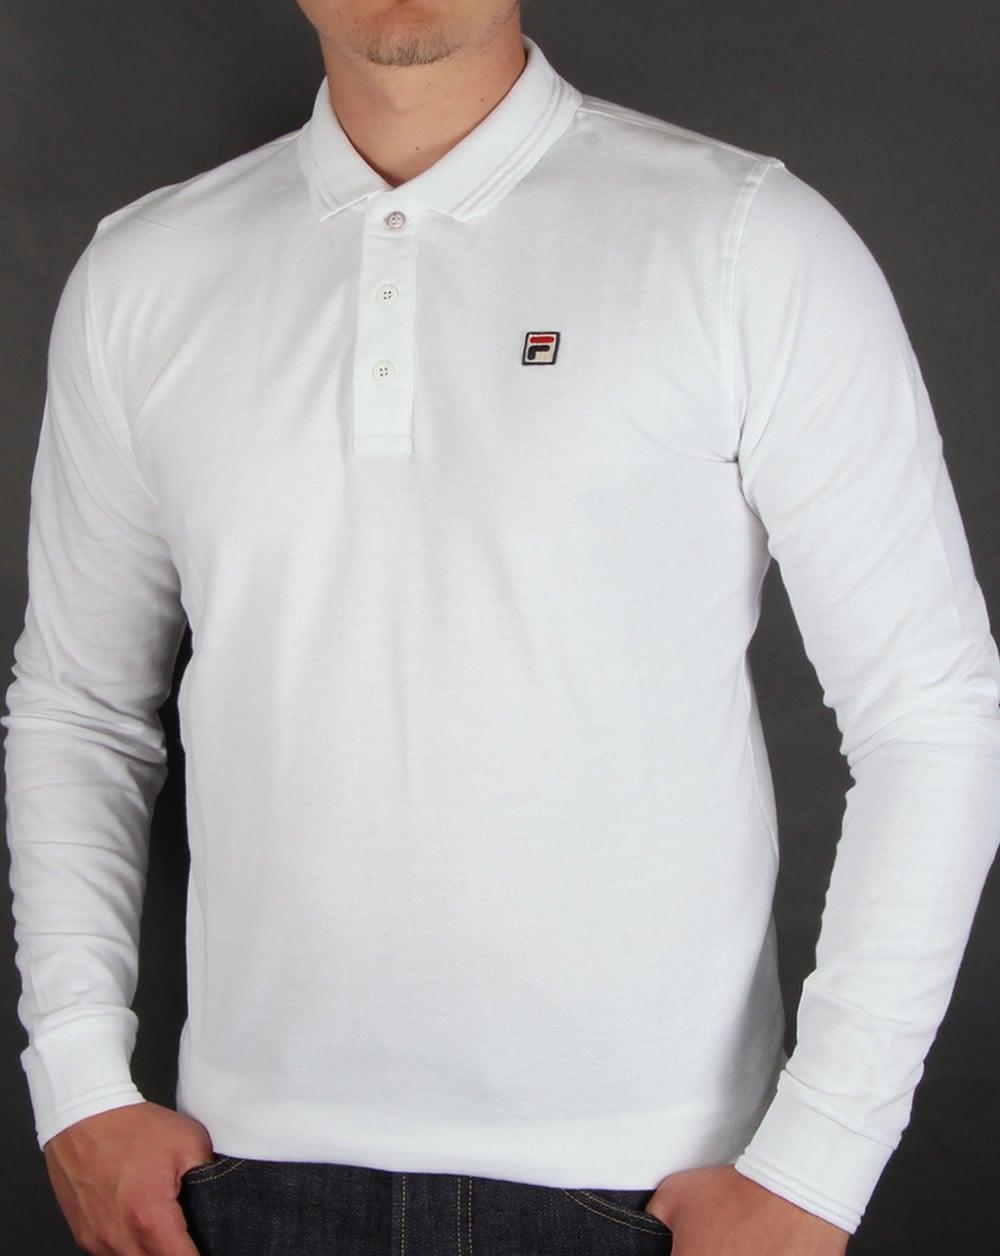 Mens Cheap Polo Shirts